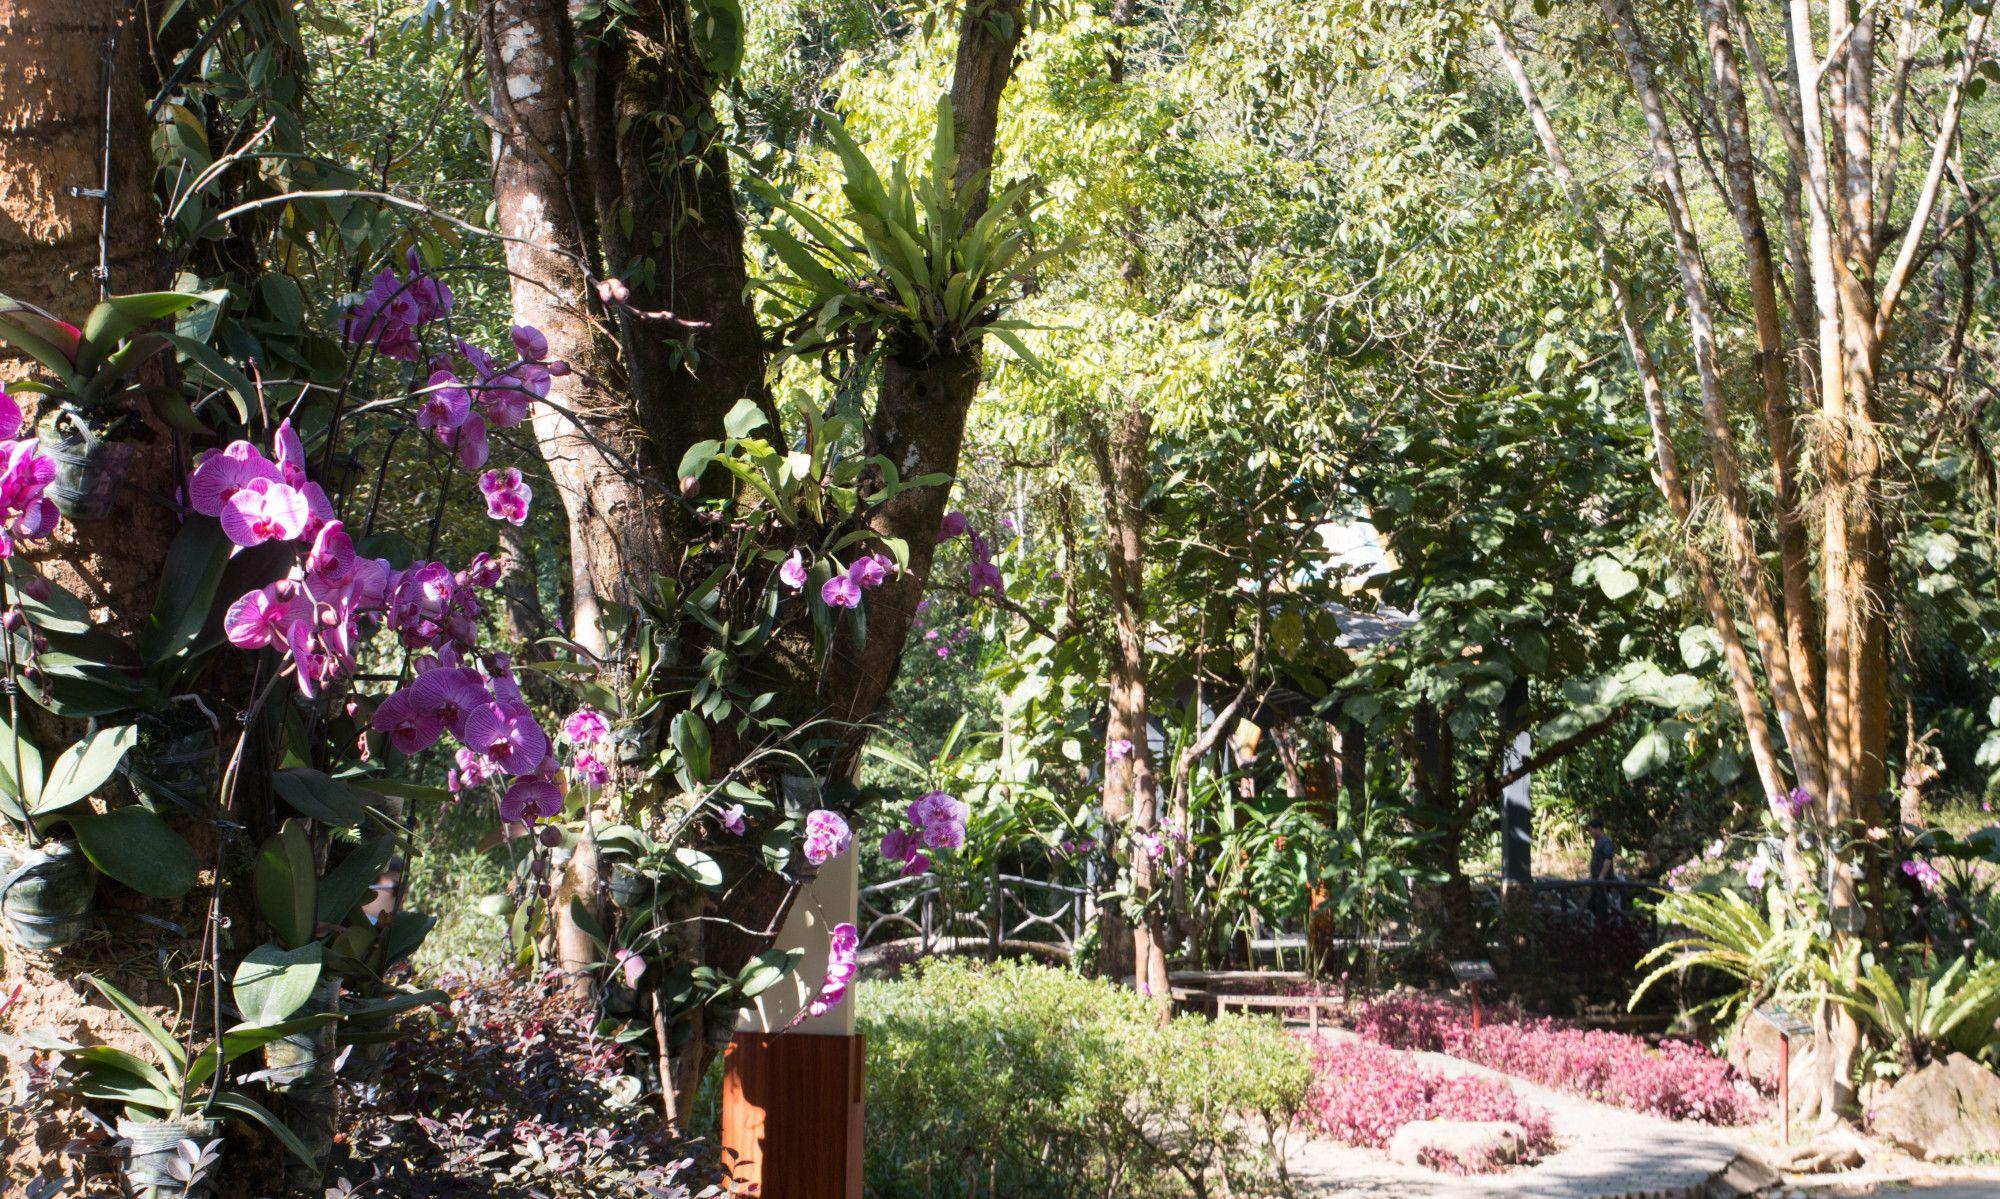 瑞丽莫里热带雨林景区,走进原始森林,看高山流水!